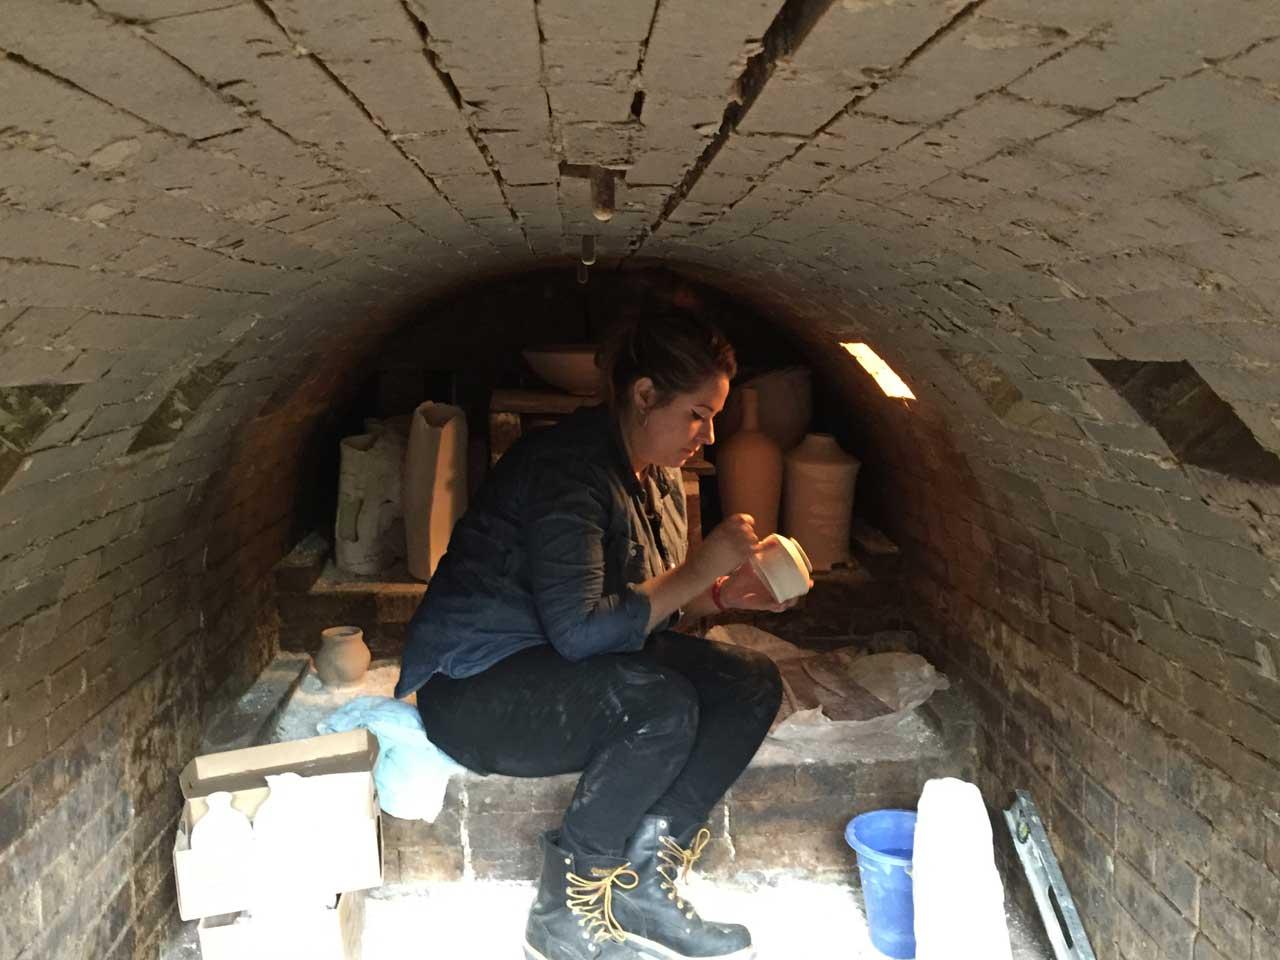 Jacklyn Scott helps load Muller's kiln.